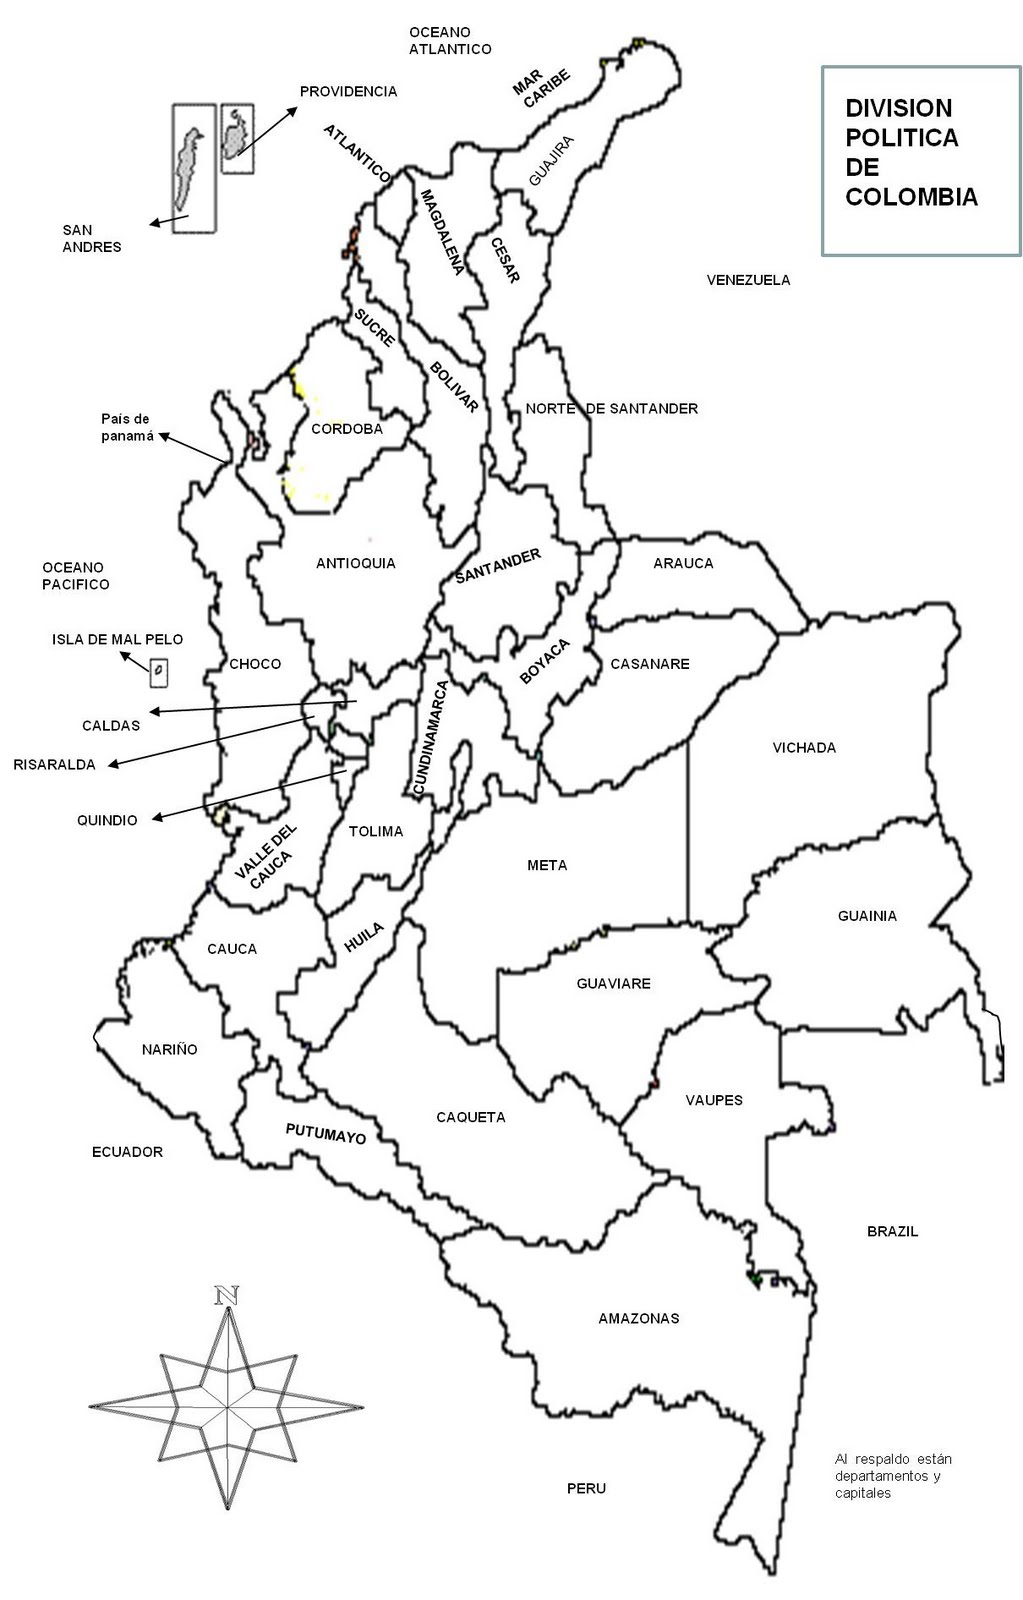 Mapa politico de Colombia con sus departamentos y Capitales blanco y negro4